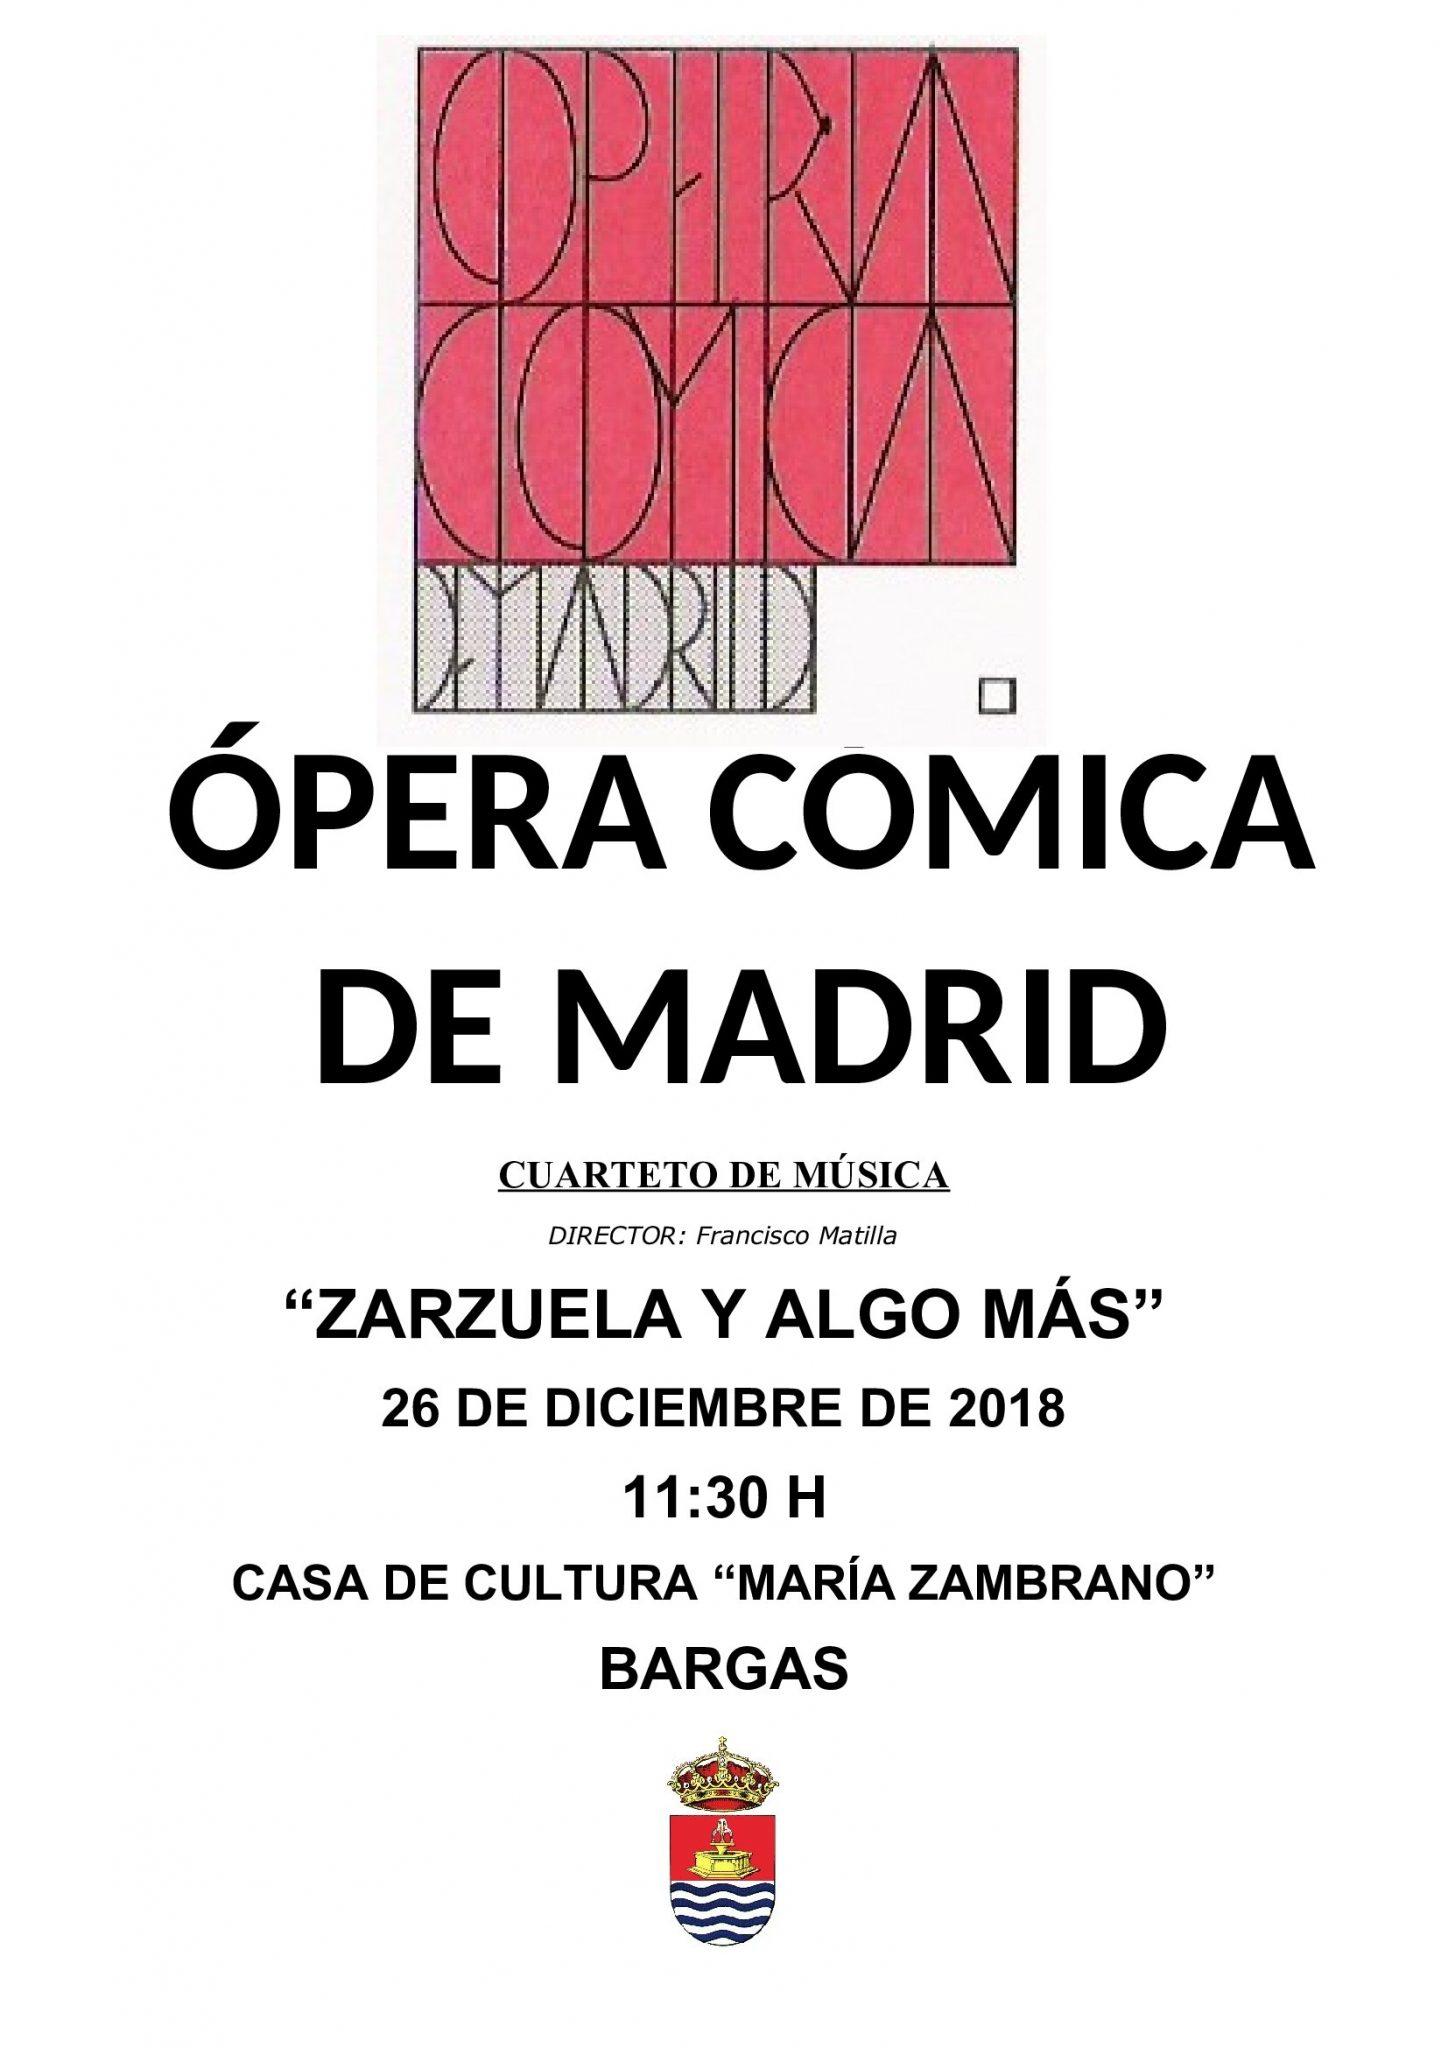 Ópera Cómica de Madrid: «Zarzuela y algo más»